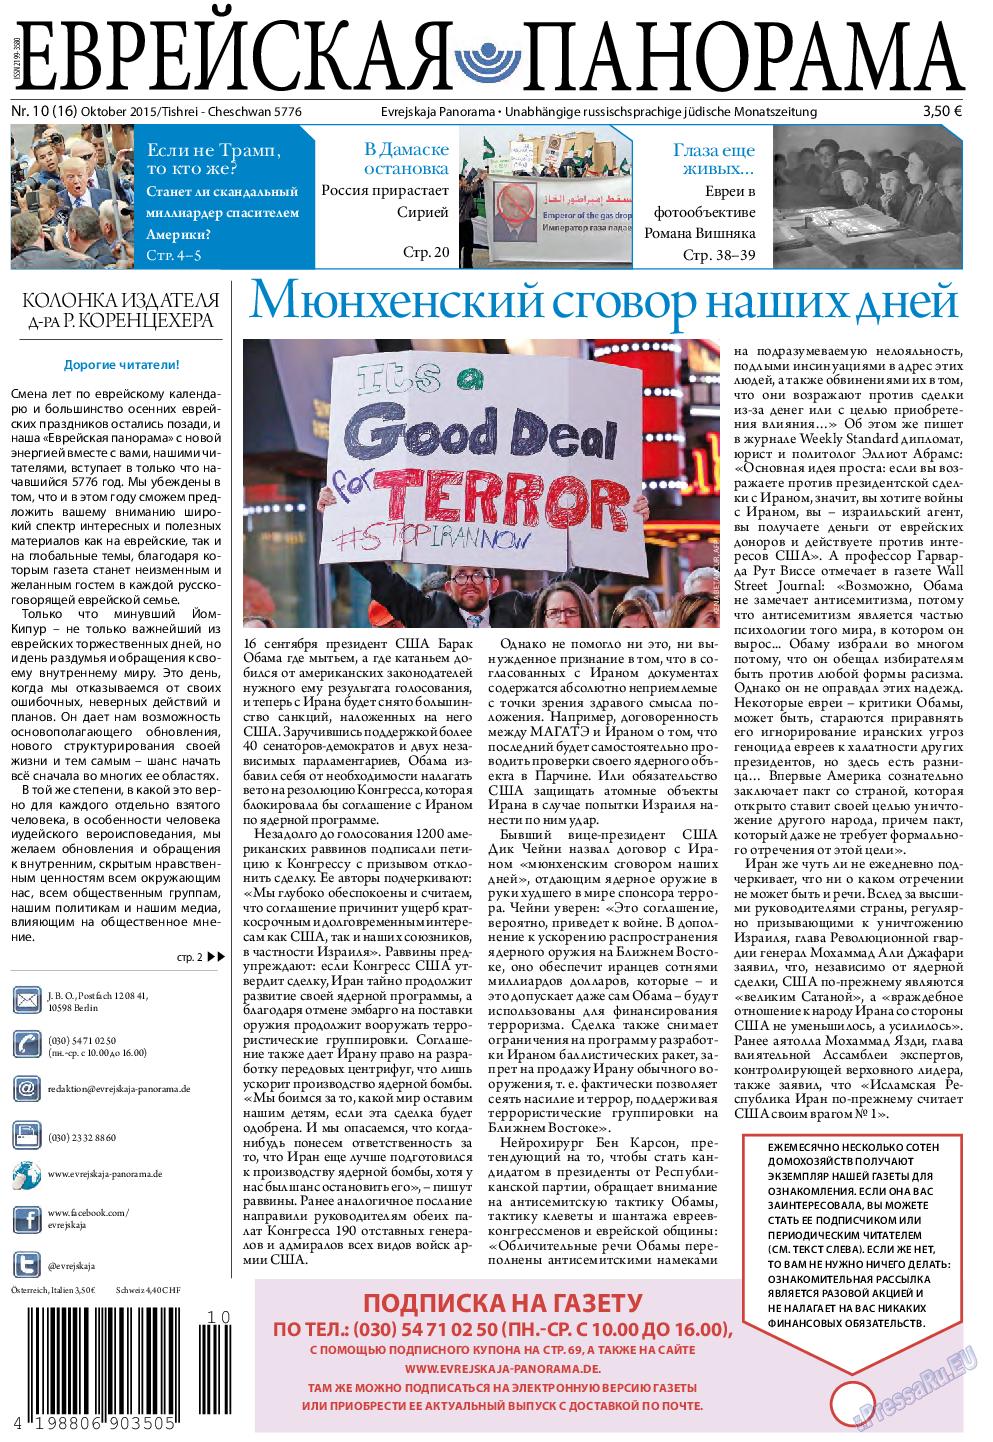 Еврейская панорама (газета). 2015 год, номер 10, стр. 1